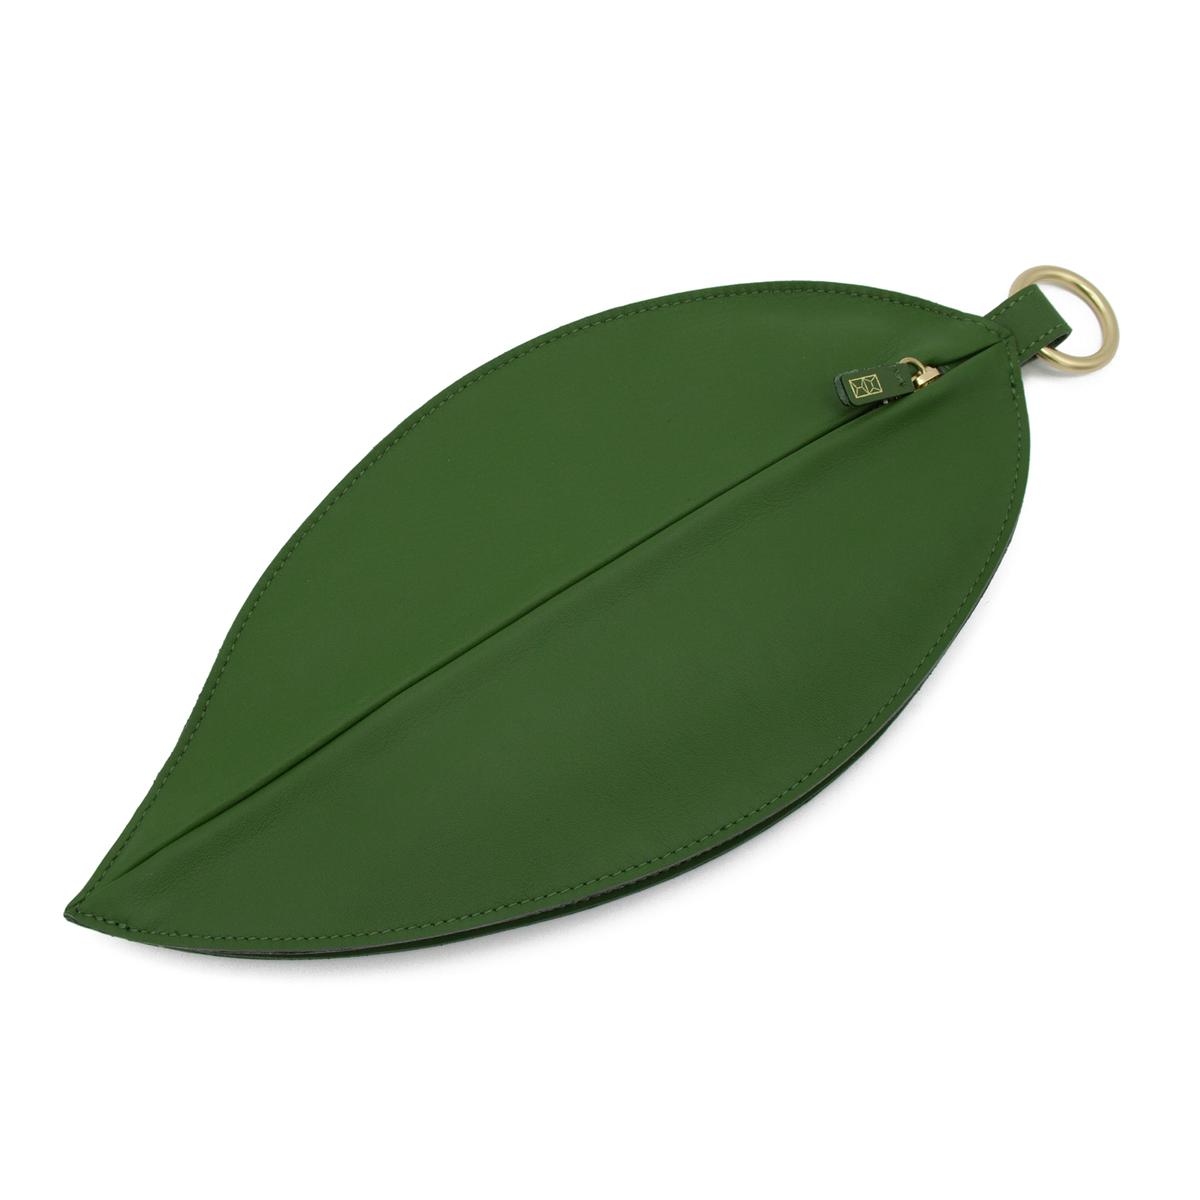 Leaf-Clutch---Front_80904b2e-cd37-4017-a8fd-c1afb08647bc_1200x.png